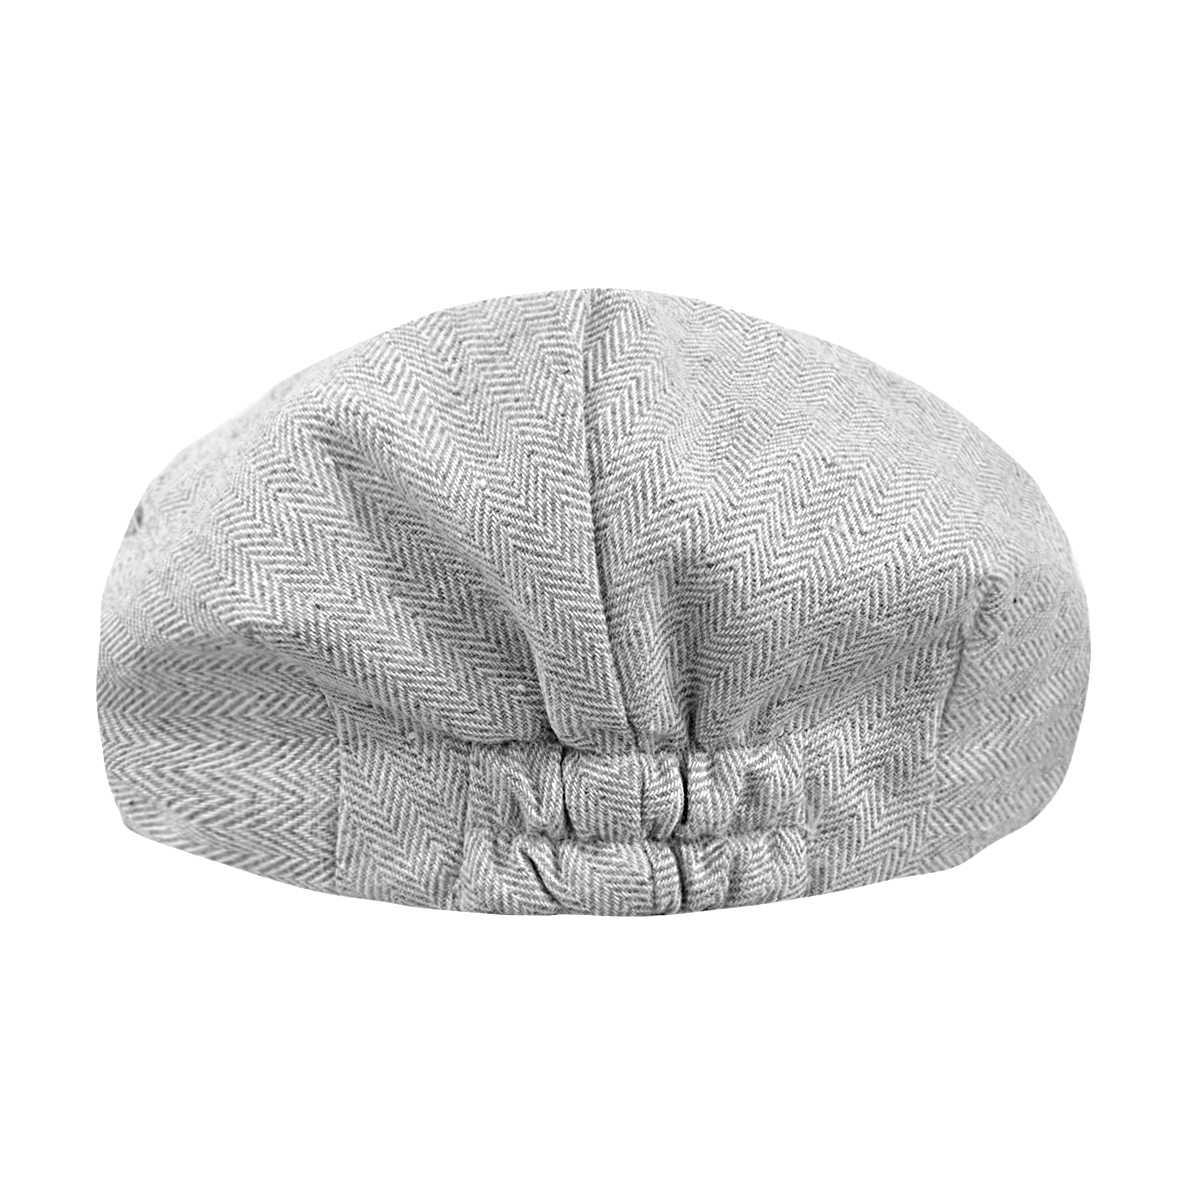 เด็กชาย Herringbone แบนหมวกเด็ก Vintage ไดรเวอร์หมวกเด็กวัยหัดเดินนุ่มซับหมวกหนาฤดูหนาว Warm อุปกรณ์เสริม